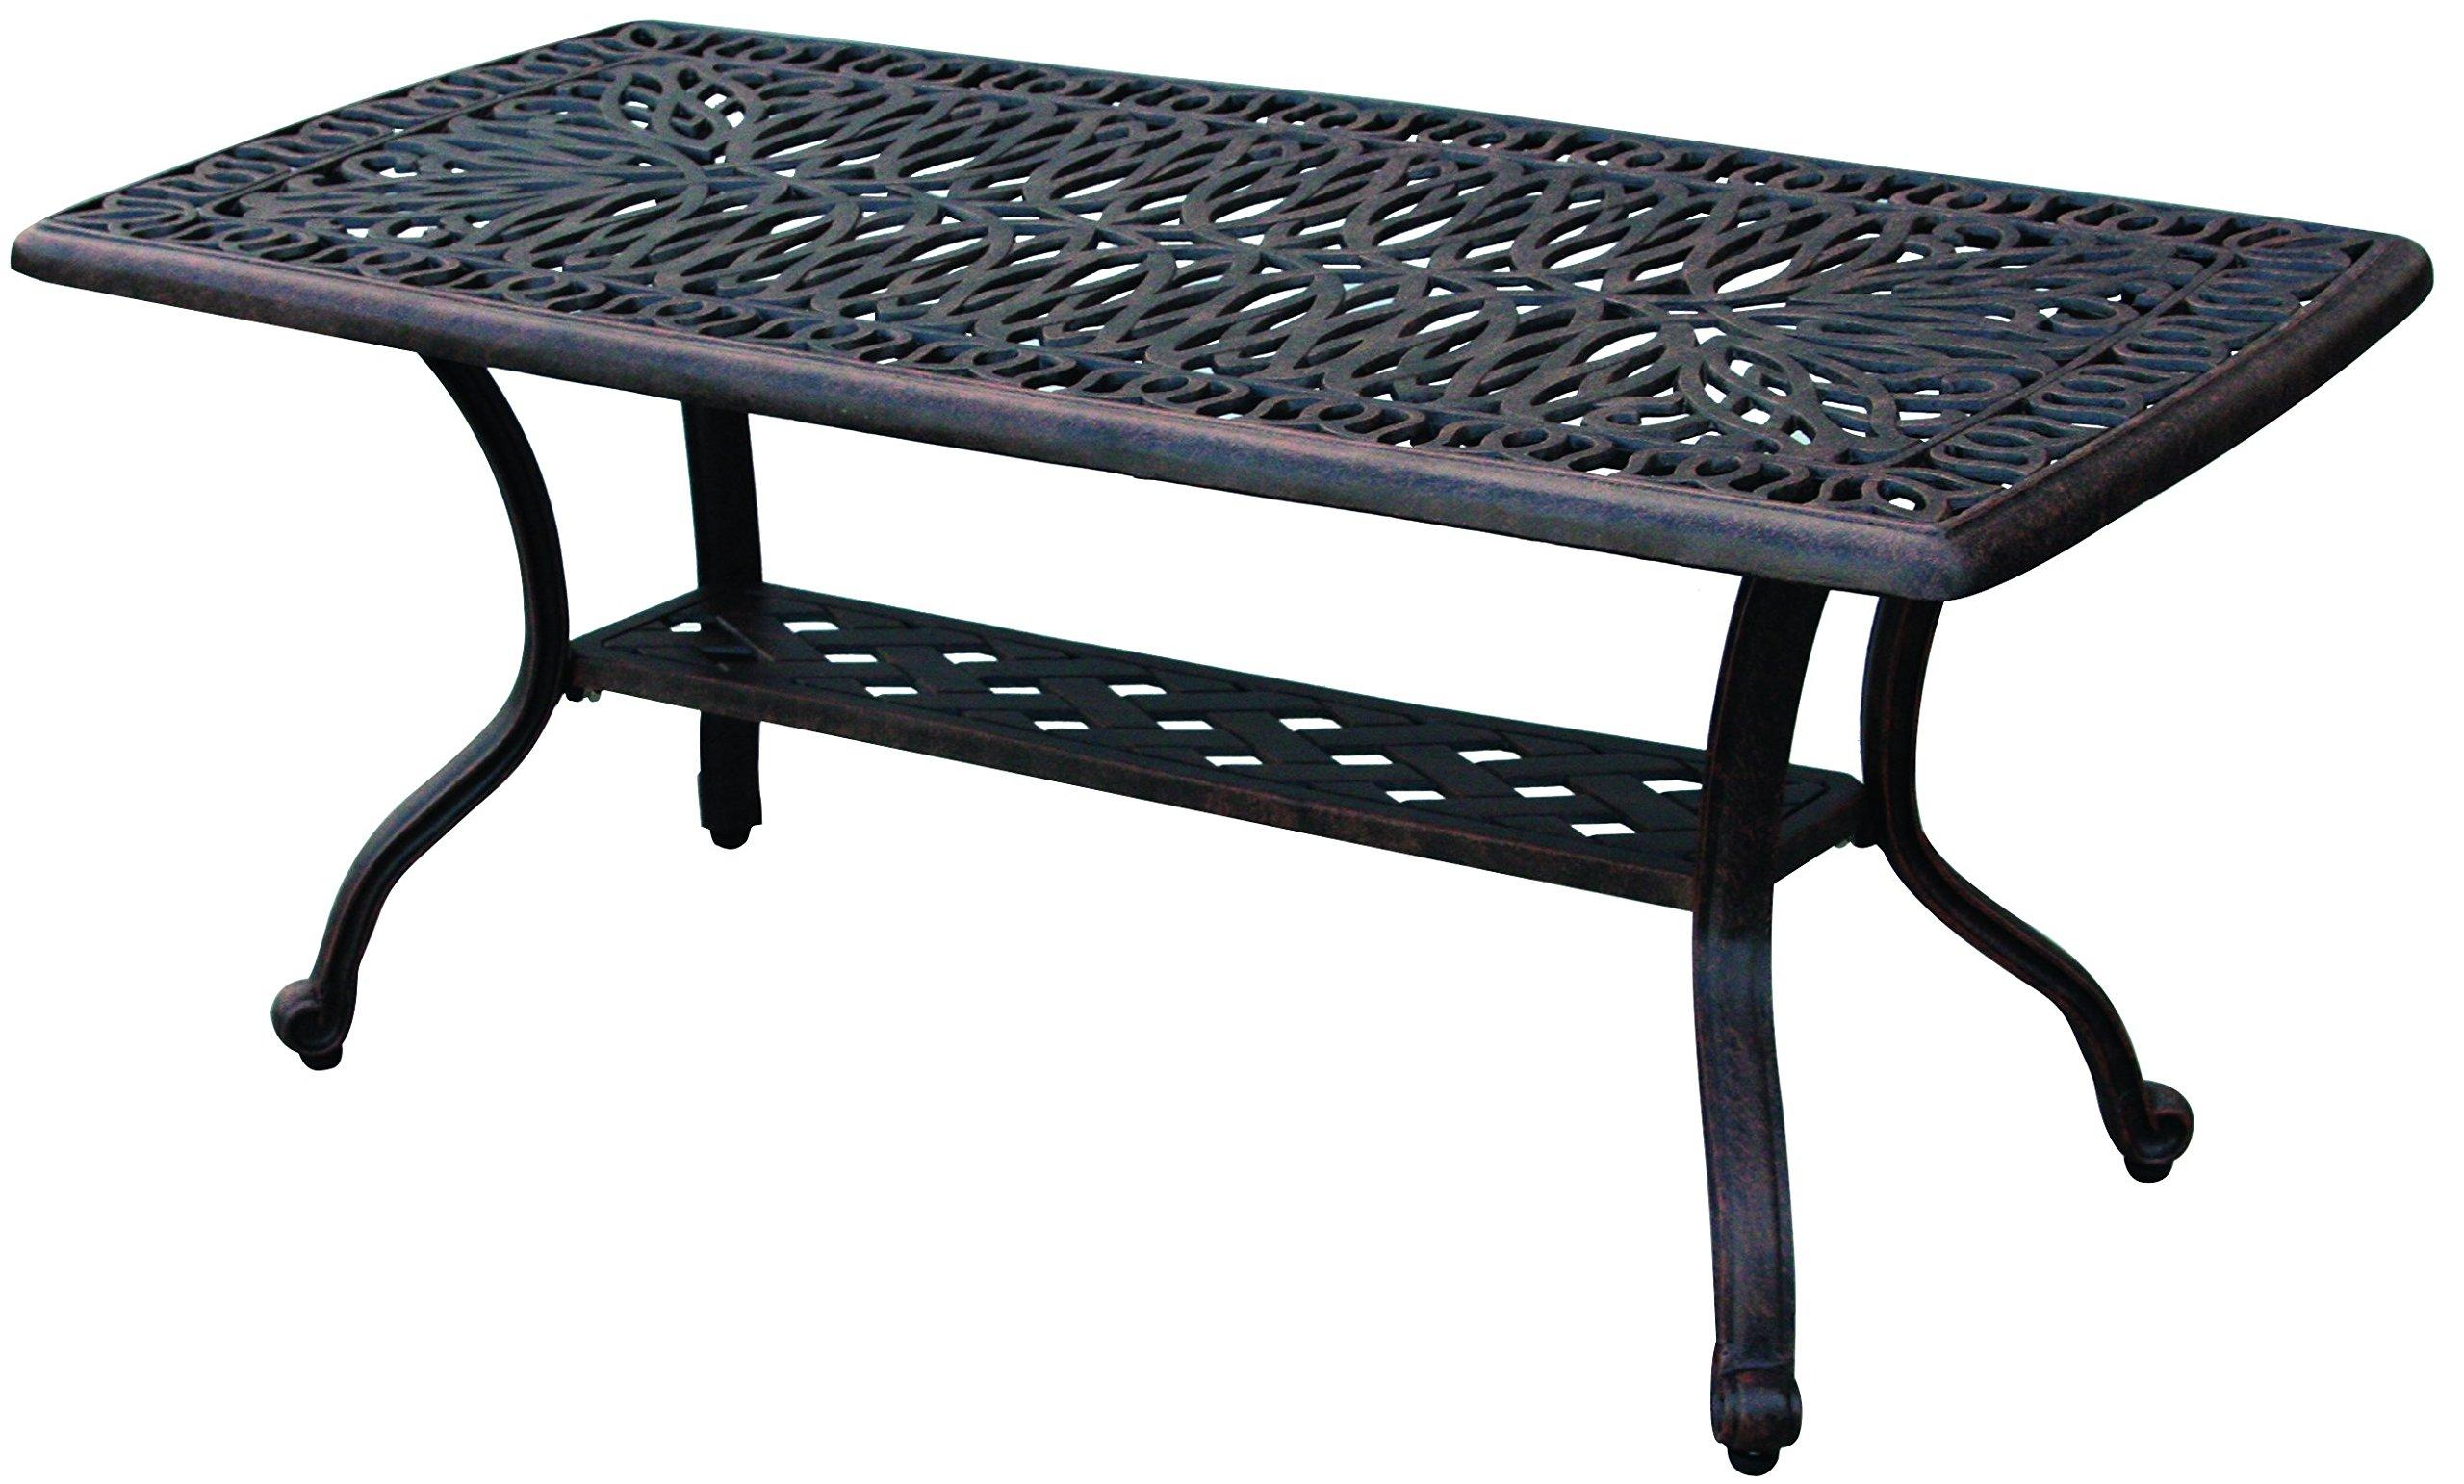 Darlee Elisabeth Cast Aluminum Rectangular Coffee Table, 21'' x 42'' Antique Bronze Finish